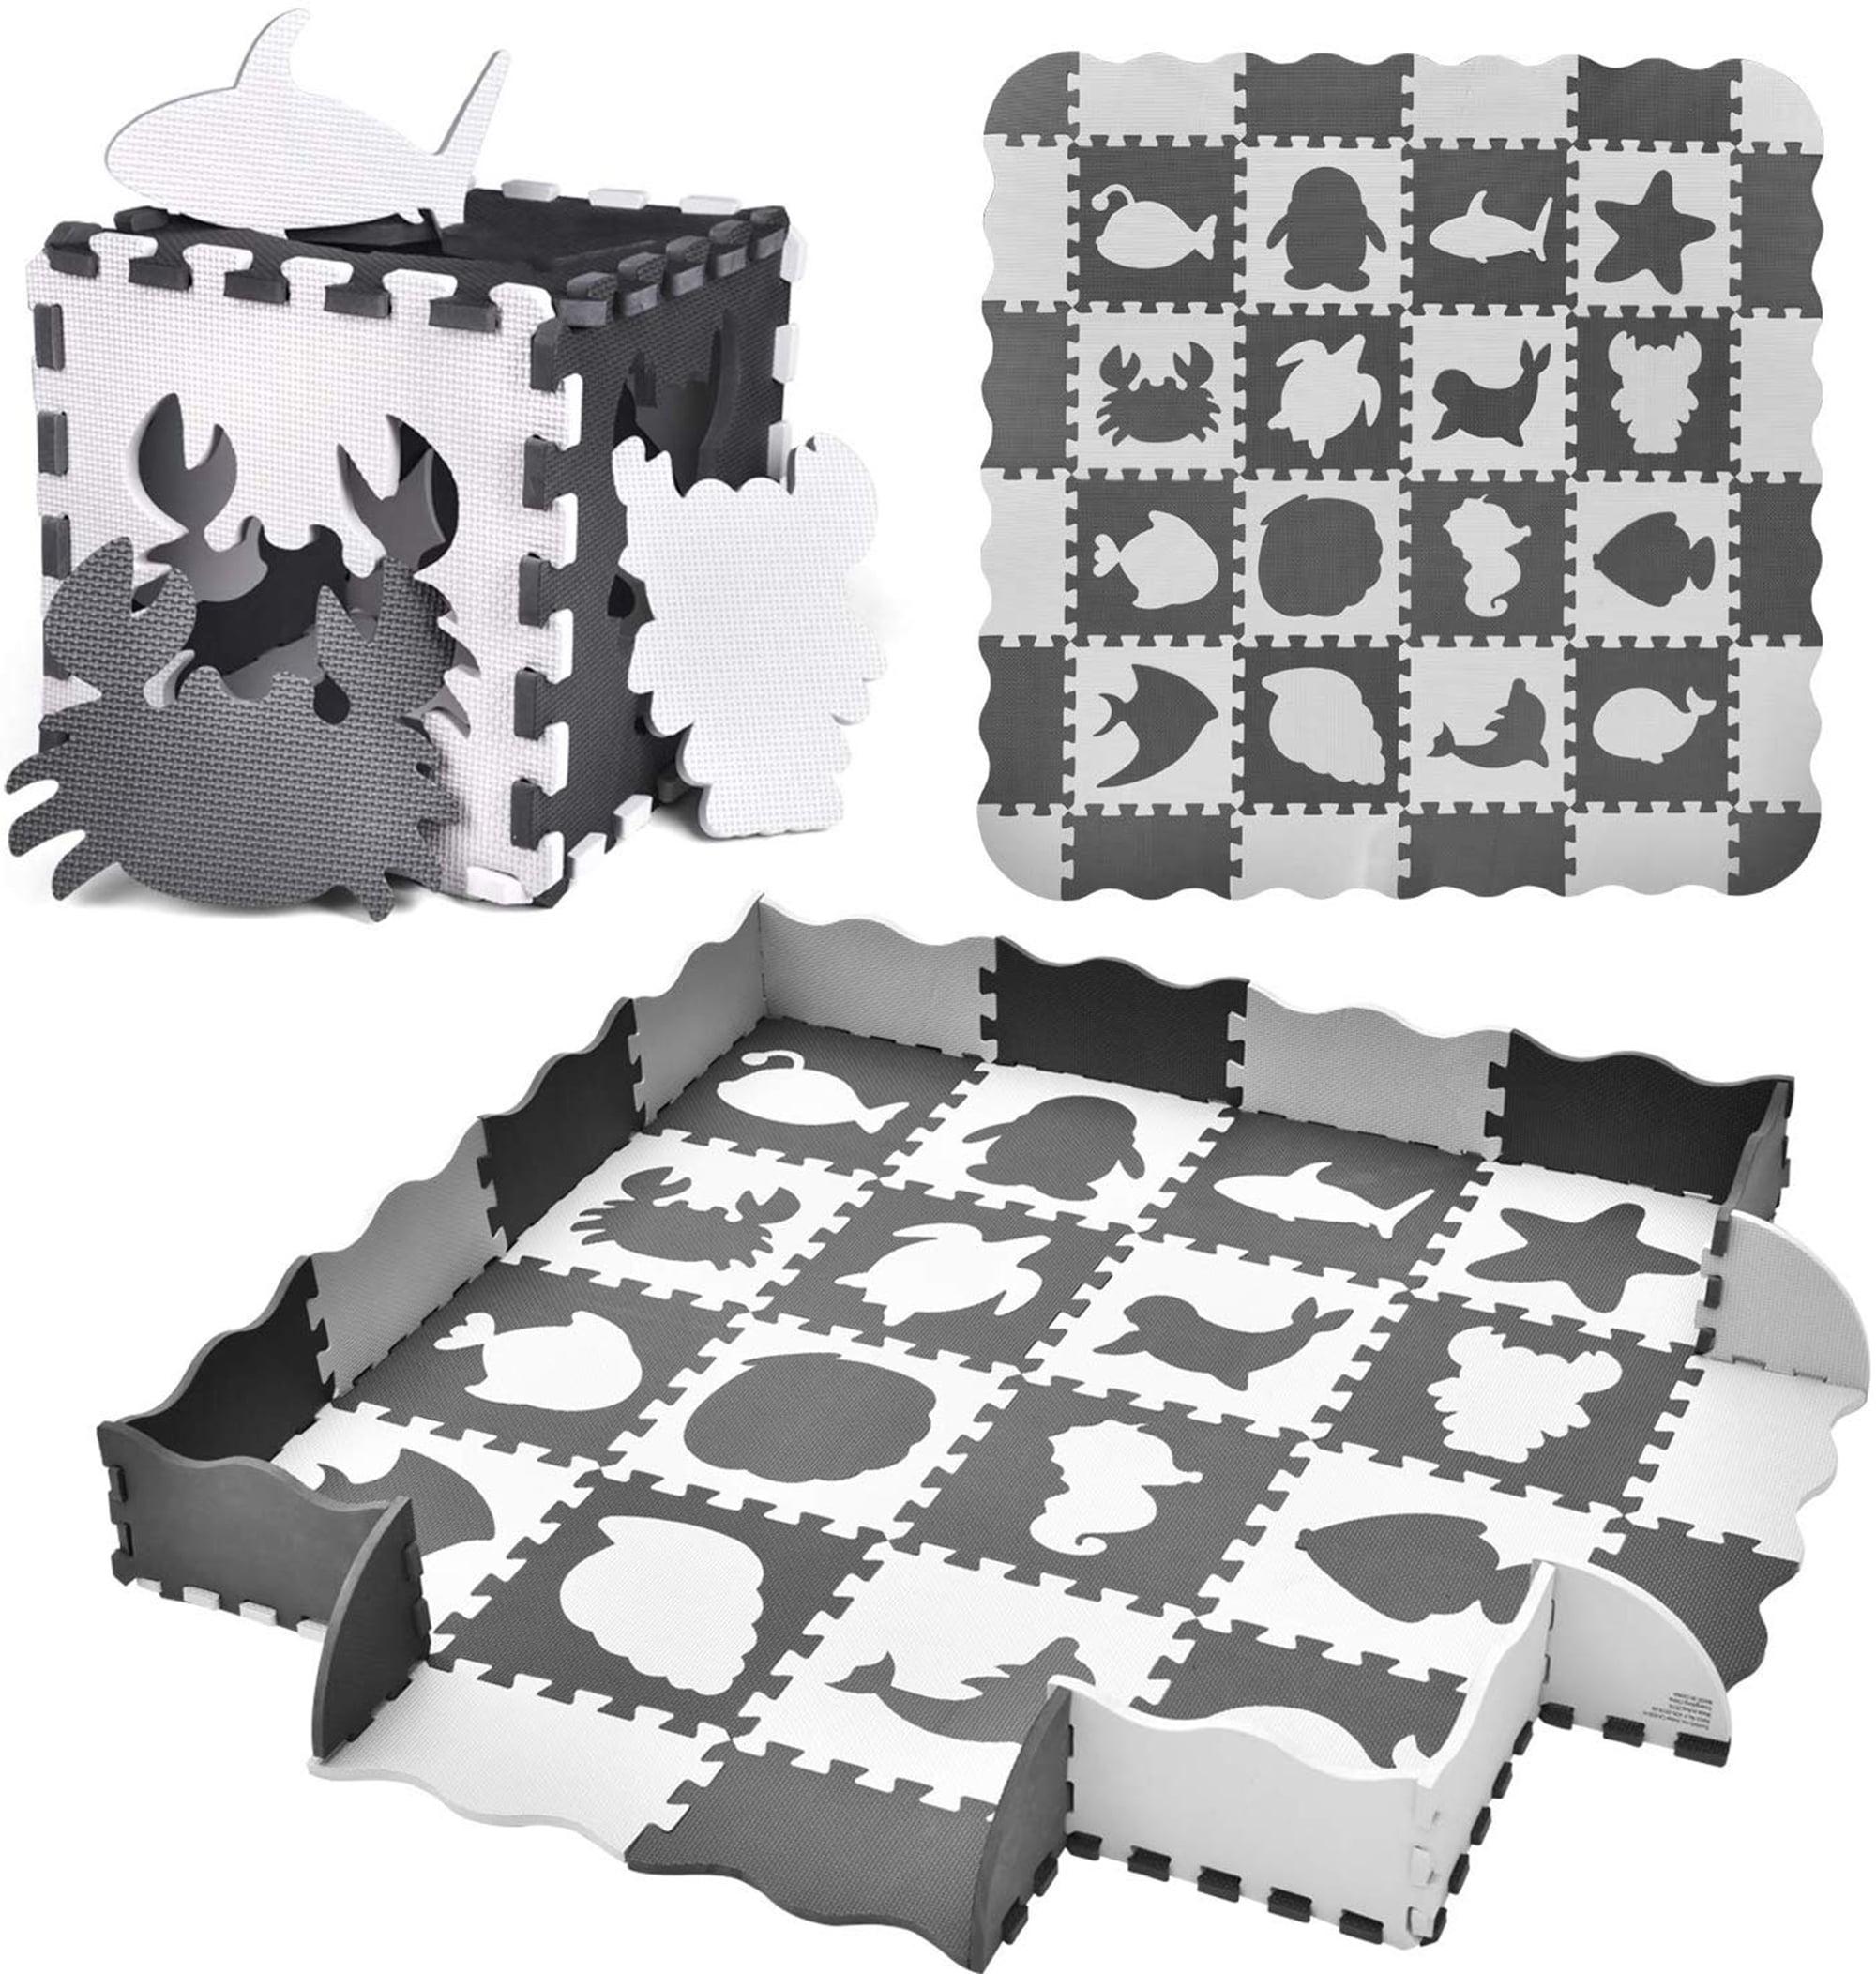 White Baby Play Mat Tiles Non Slip Foam Floor Mat for Kids Playroom Nursery